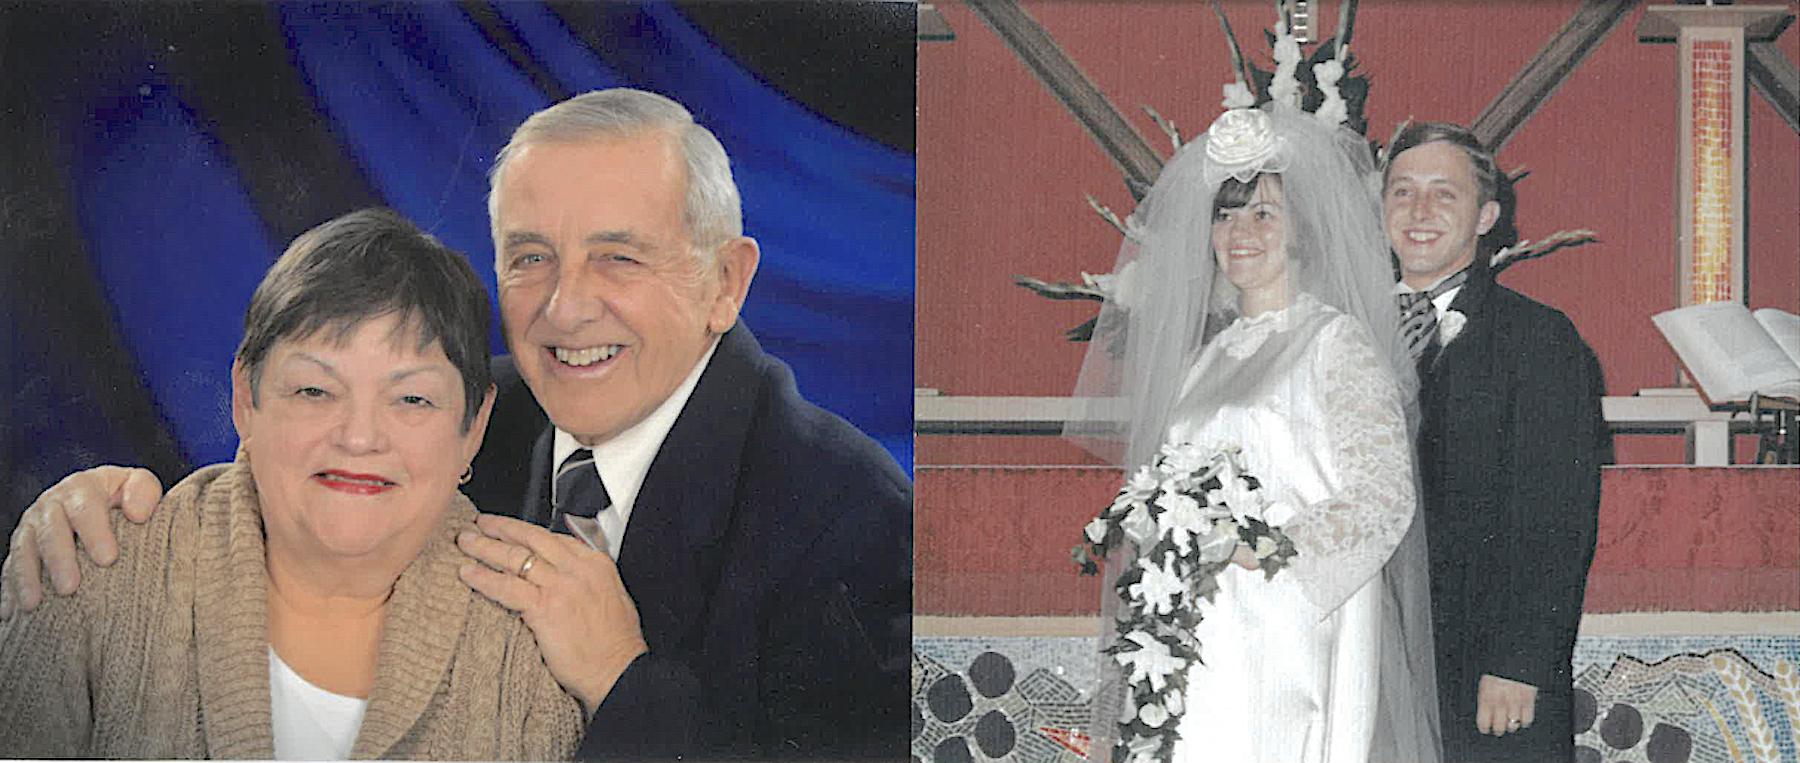 Larry, Charlotte Schultz celebrate 50th anniversary